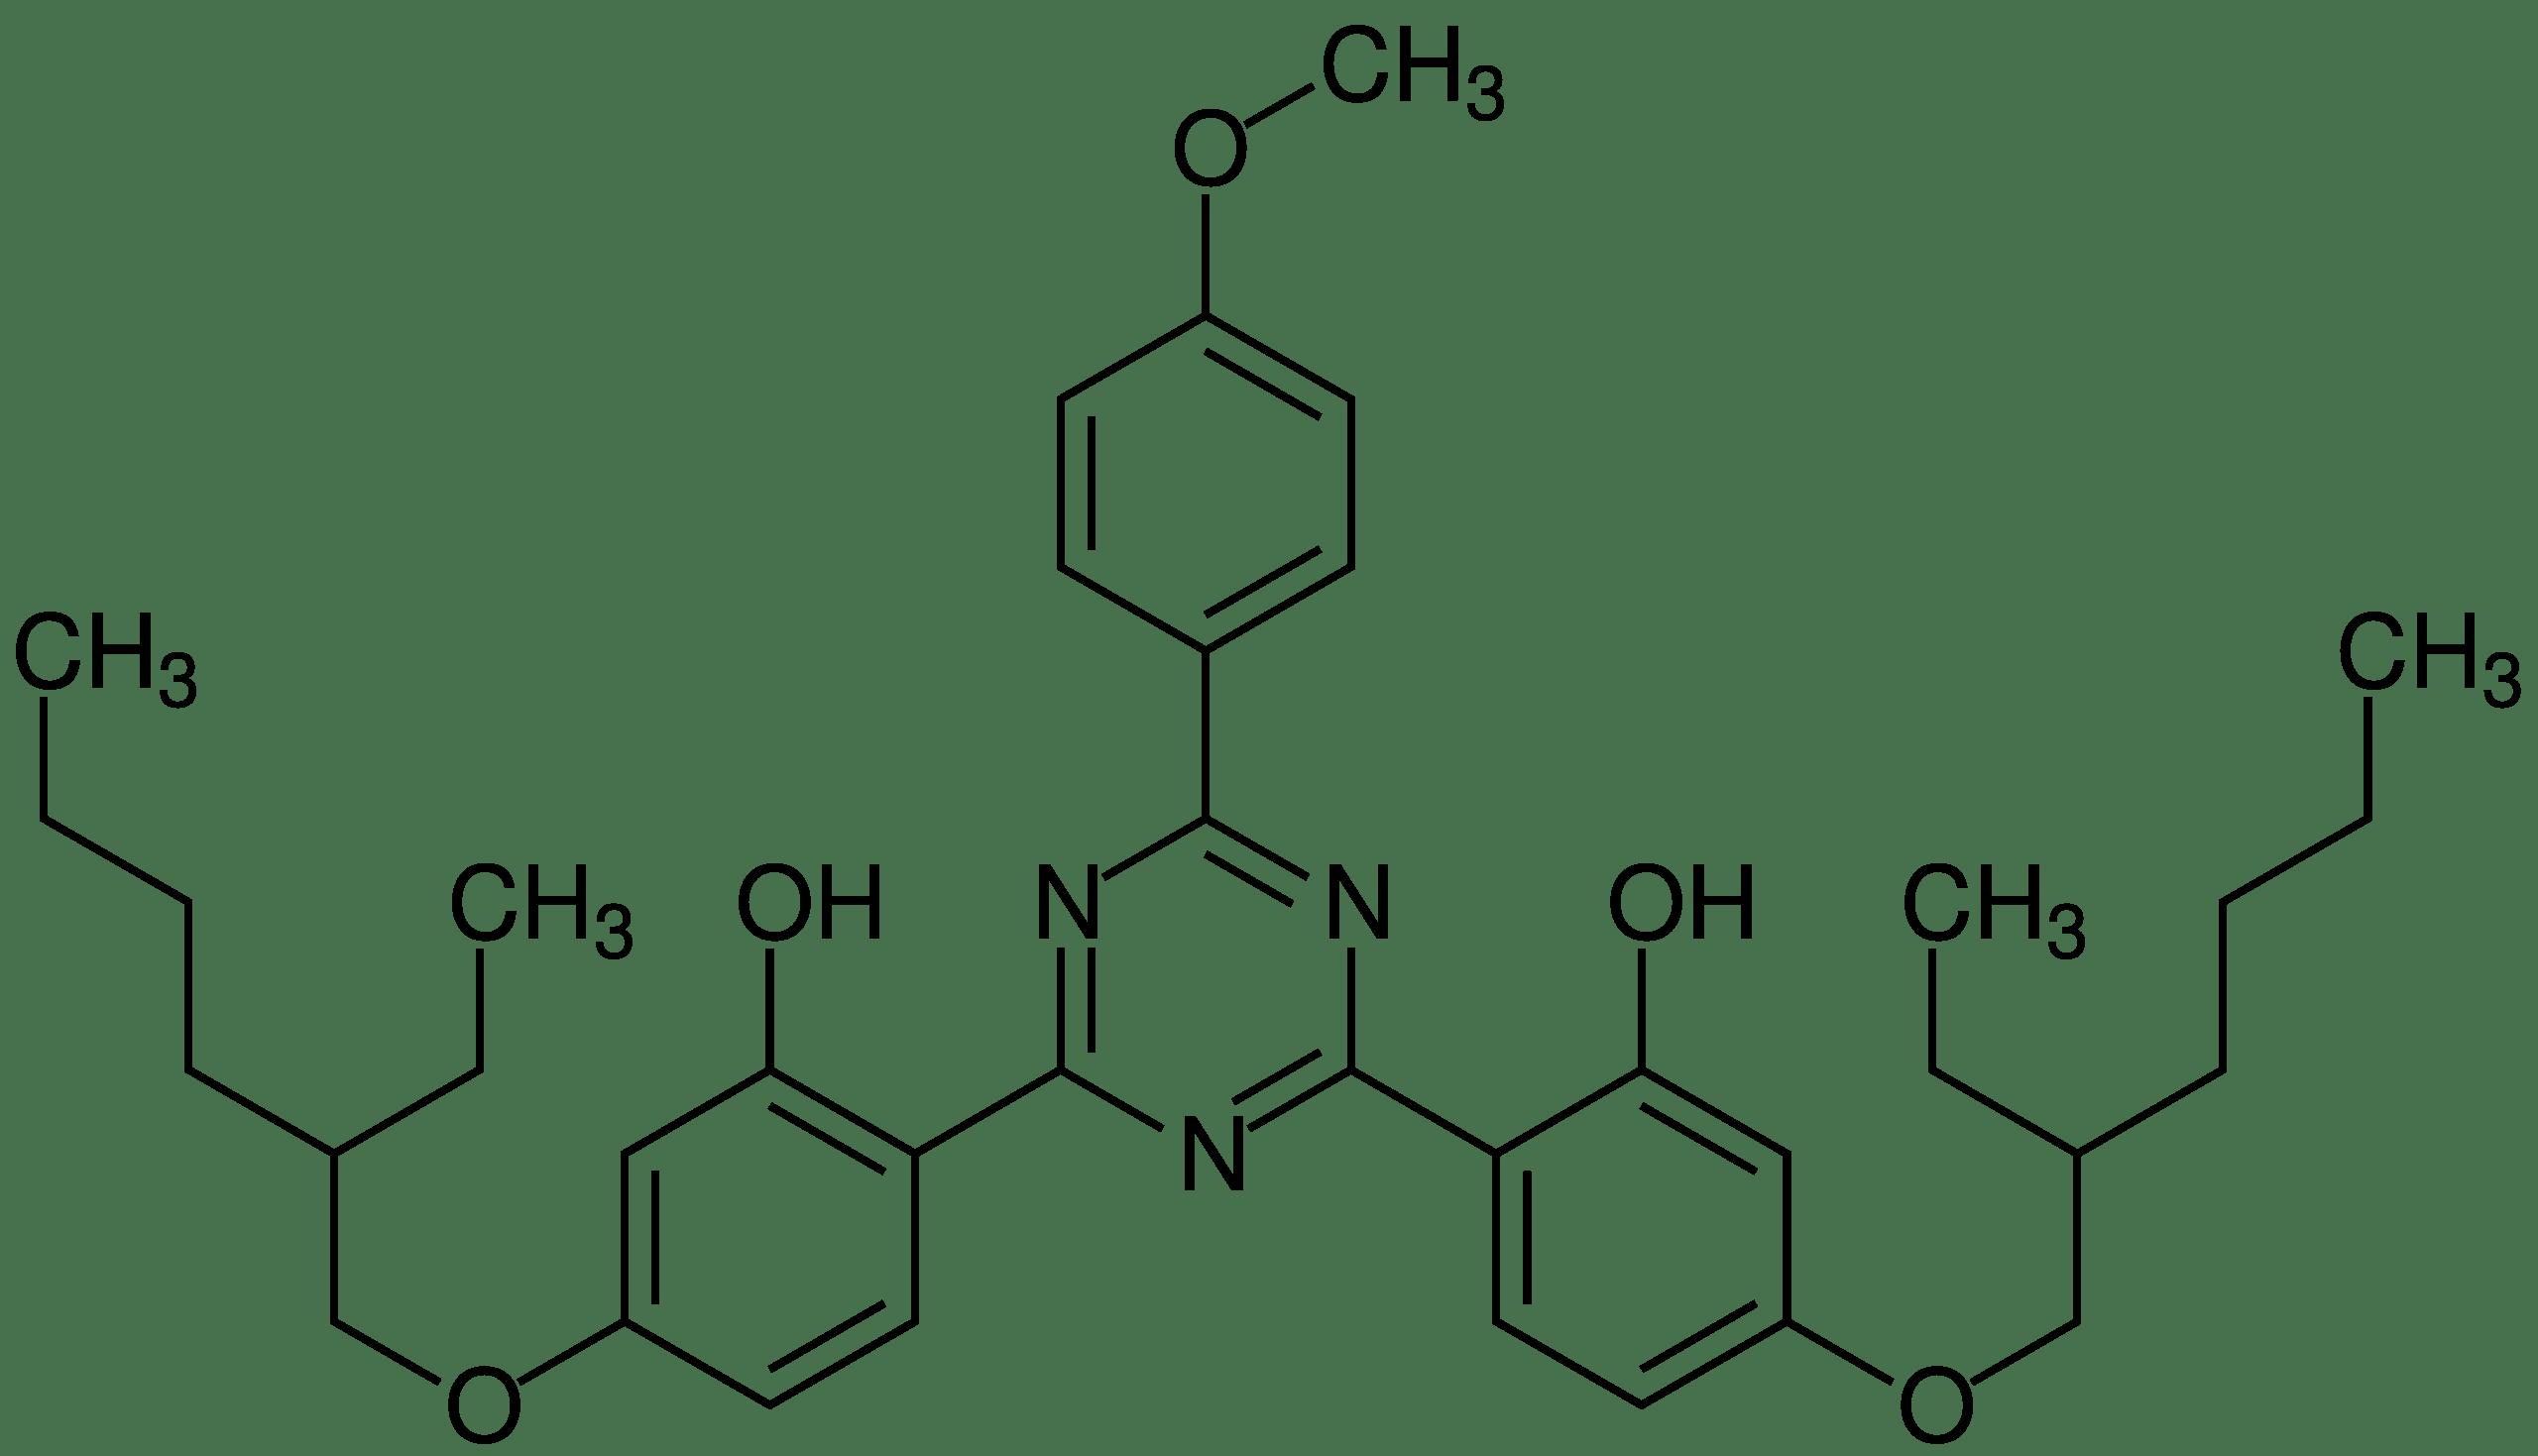 Bis-Ethylhexyloxyphenol Methoxyphenol Triazine - Tinosorb S